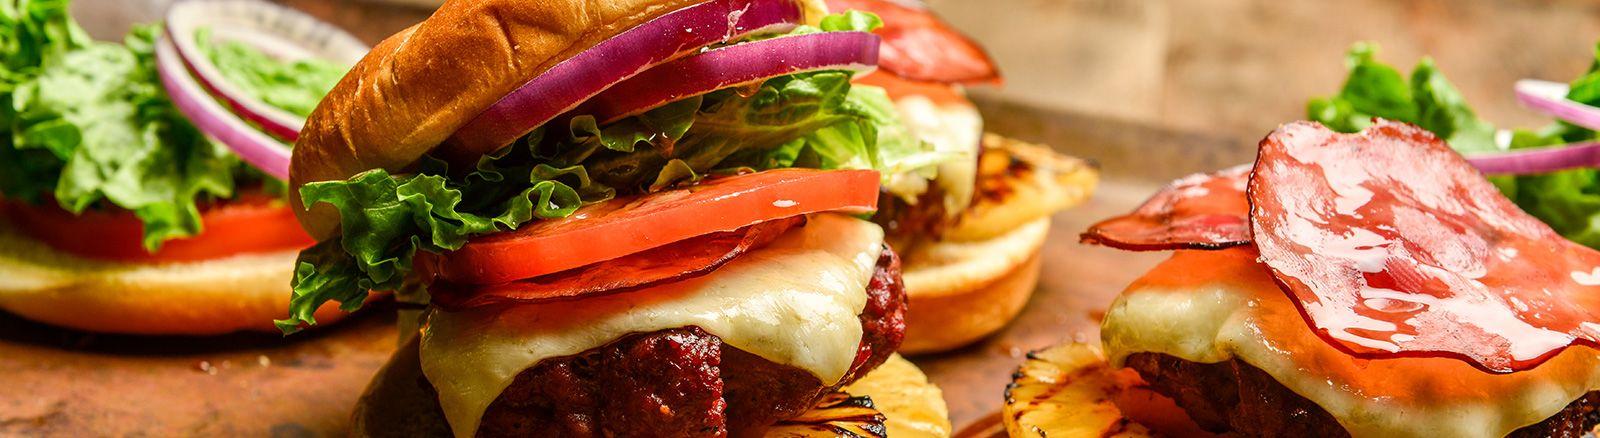 Hawaiian Teriyaki Burgers Teriyaki Burgers Hawaiian Teriyaki Burger Recipe Traeger Pellet Grills Traeger